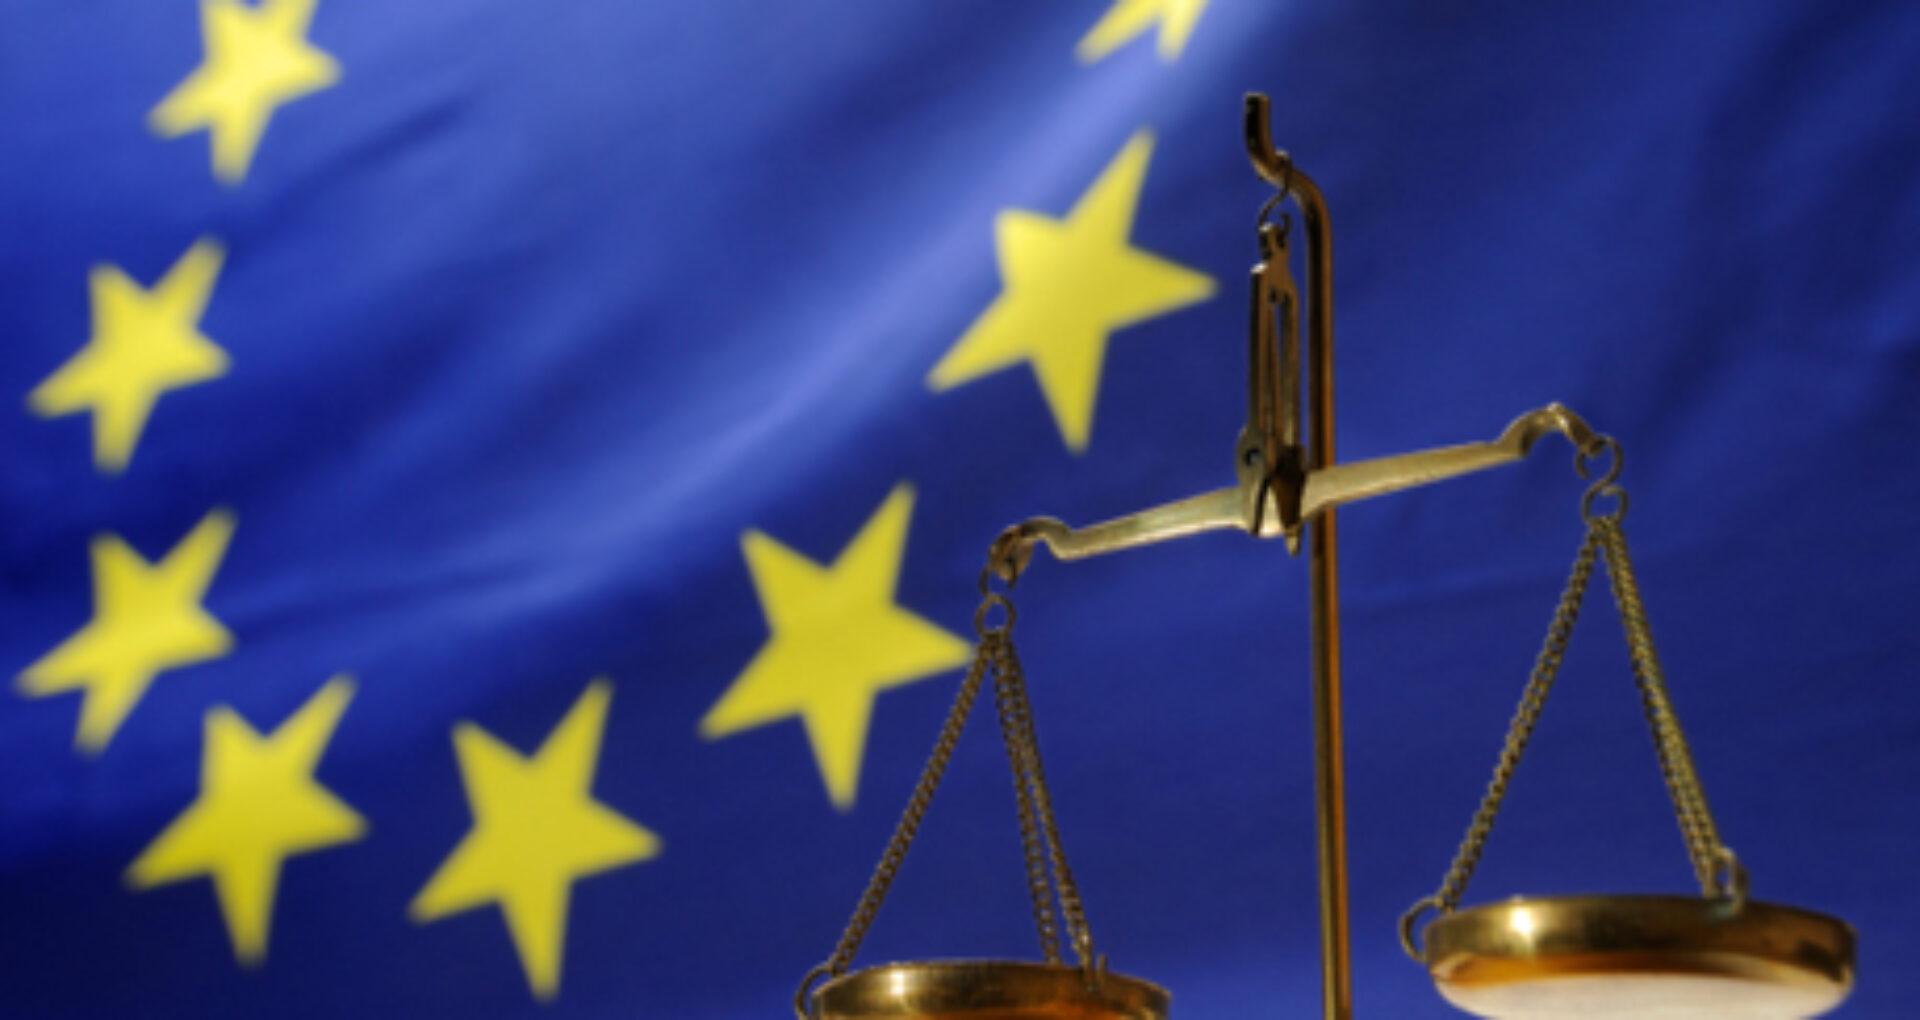 Reprezentanţii UE pregătesc un sistem de sancţiuni pentru încălcarea drepturilor omului